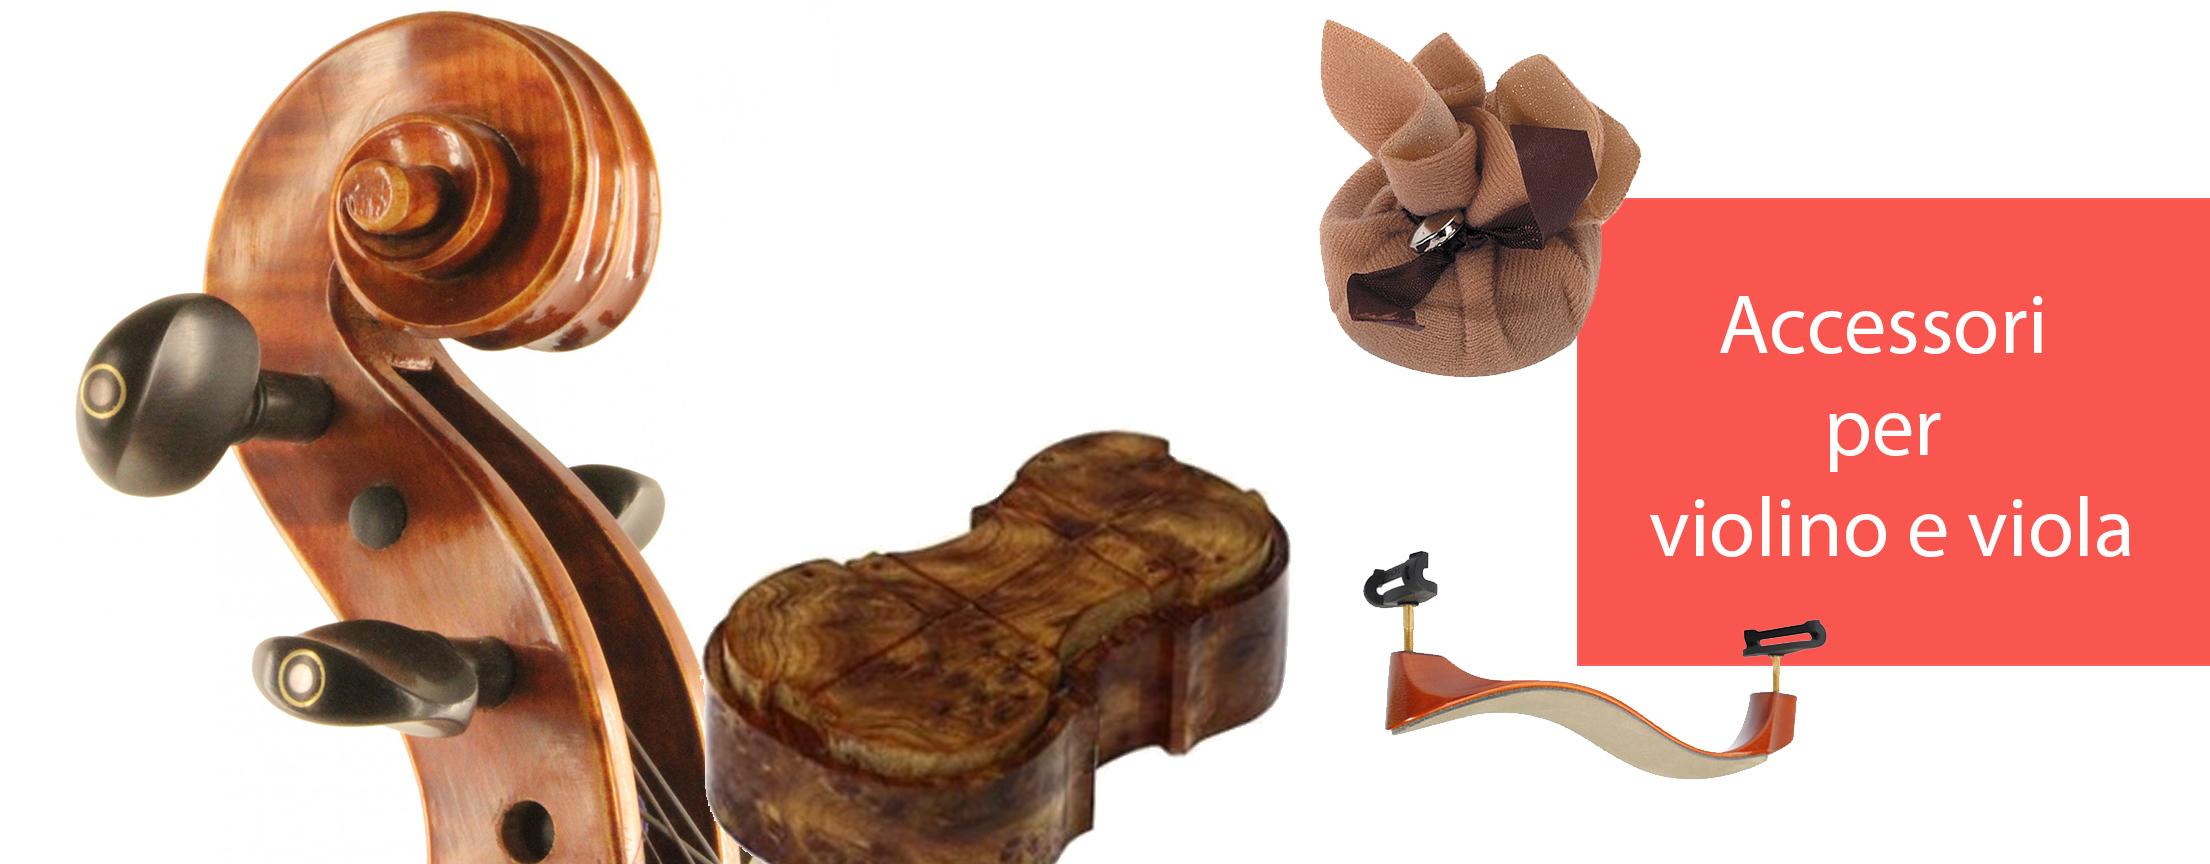 Accessori per violino e viola